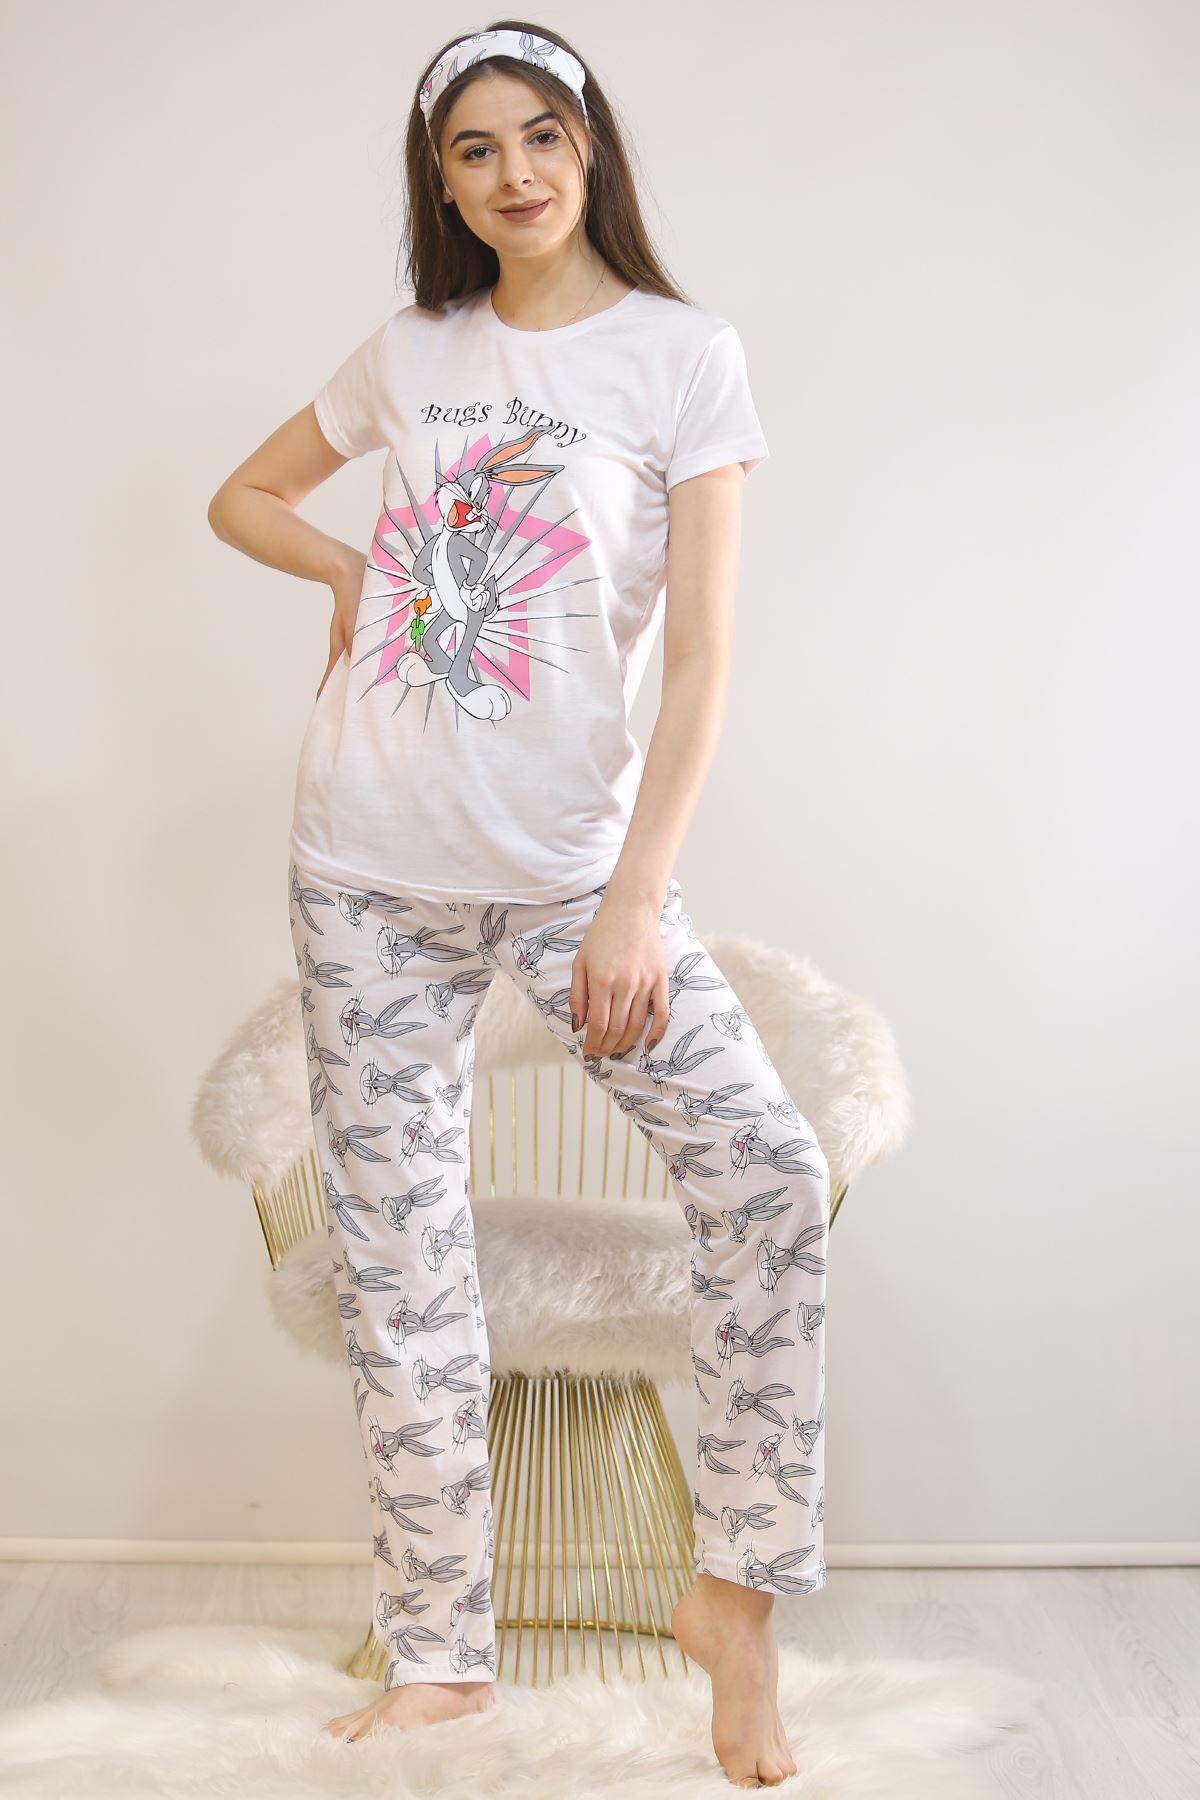 Baskılı Pijama Takımı Beyaz - 21879.1059.